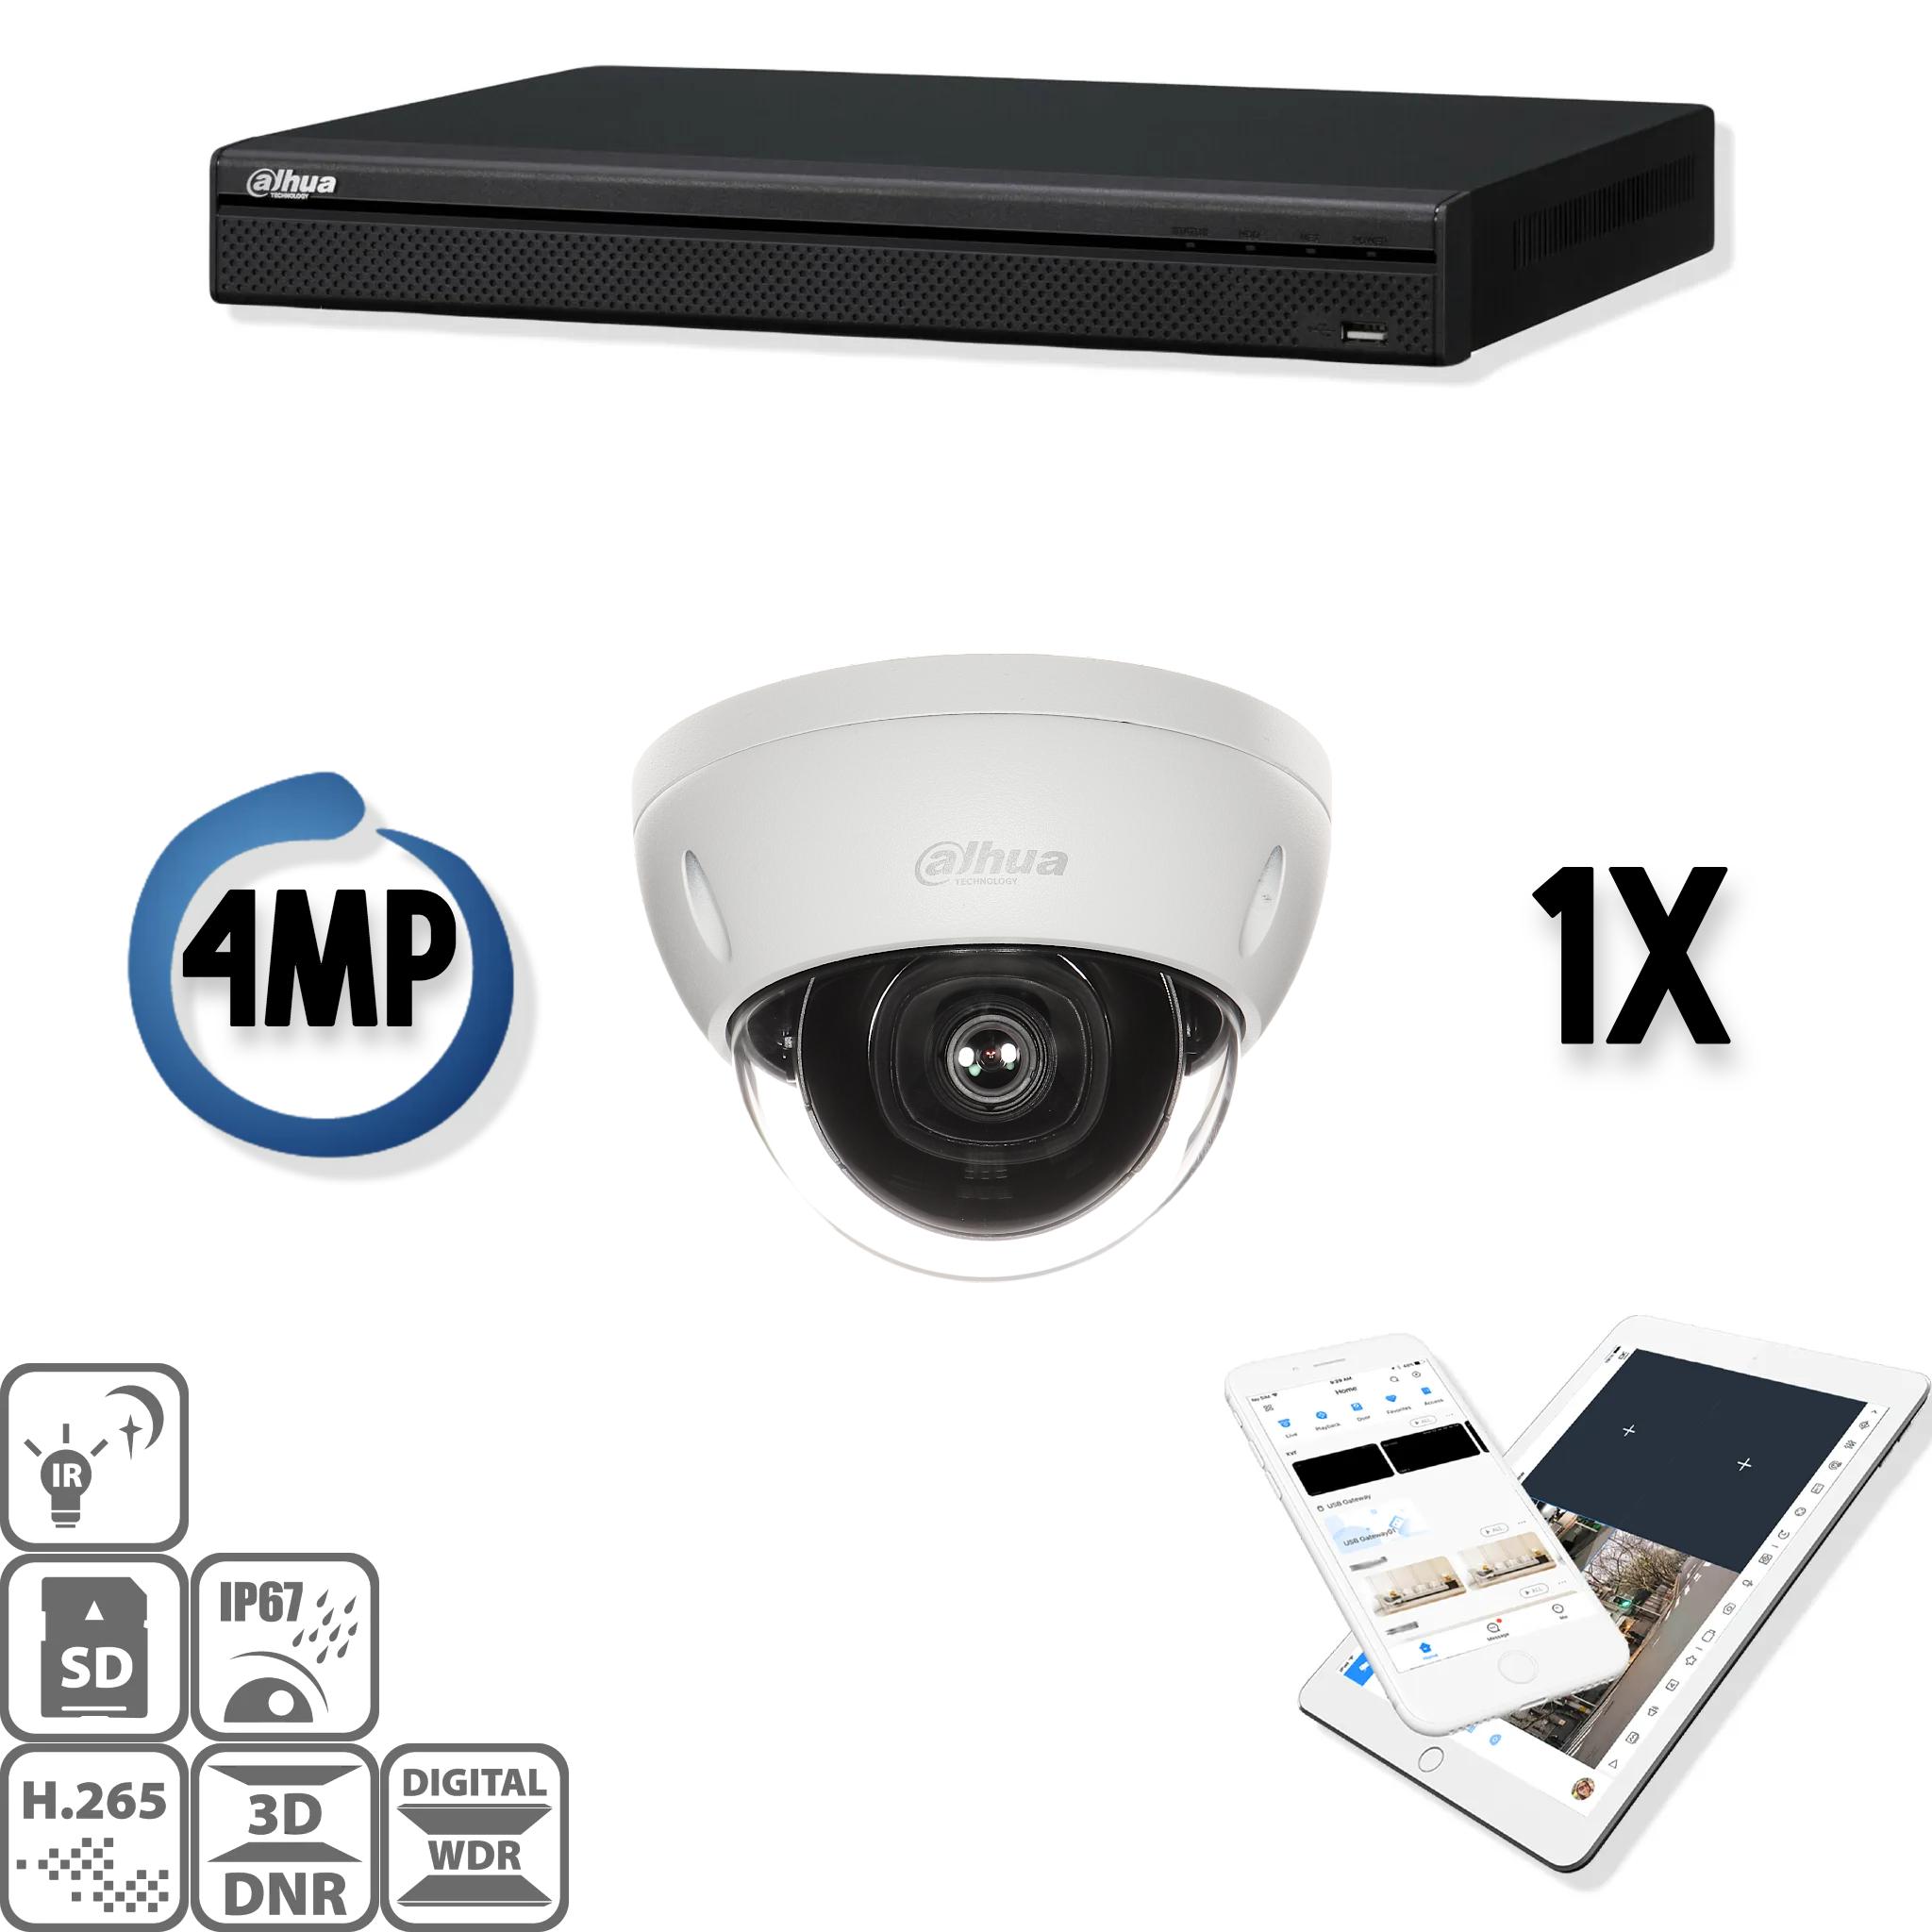 De Dahua IP kit 1x dome 4mp Full HD camerabeveiliging set bevat 1 IP dome camera, welke geschikt zijn voor binnen of buiten. De camera heeft een Full HD beeldkwaliteit met IR leds voor een perfect zicht bij duisternis. Deze HD IP cameraset levert haarsche